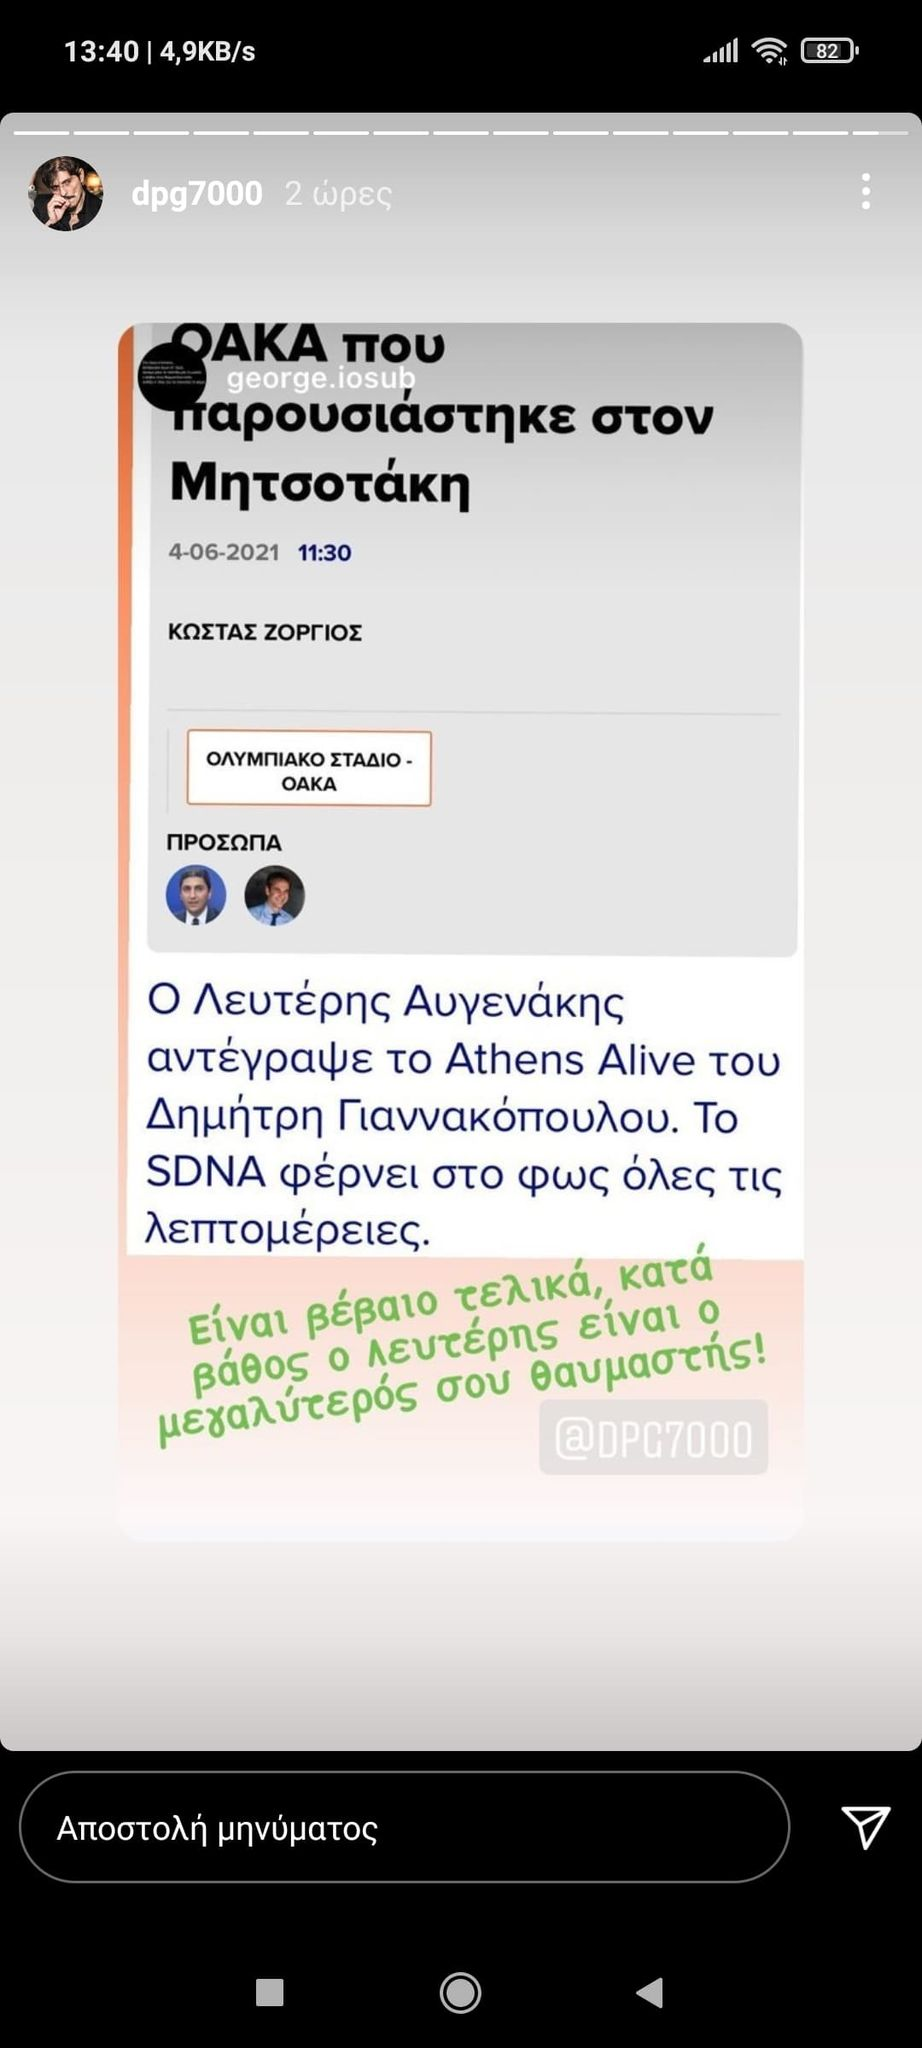 «Λευτέρης Αυγενάκης, ο μεγαλύτερος θαυμαστής του Δημήτρη Γιαννακόπουλου - Ο λόγος»